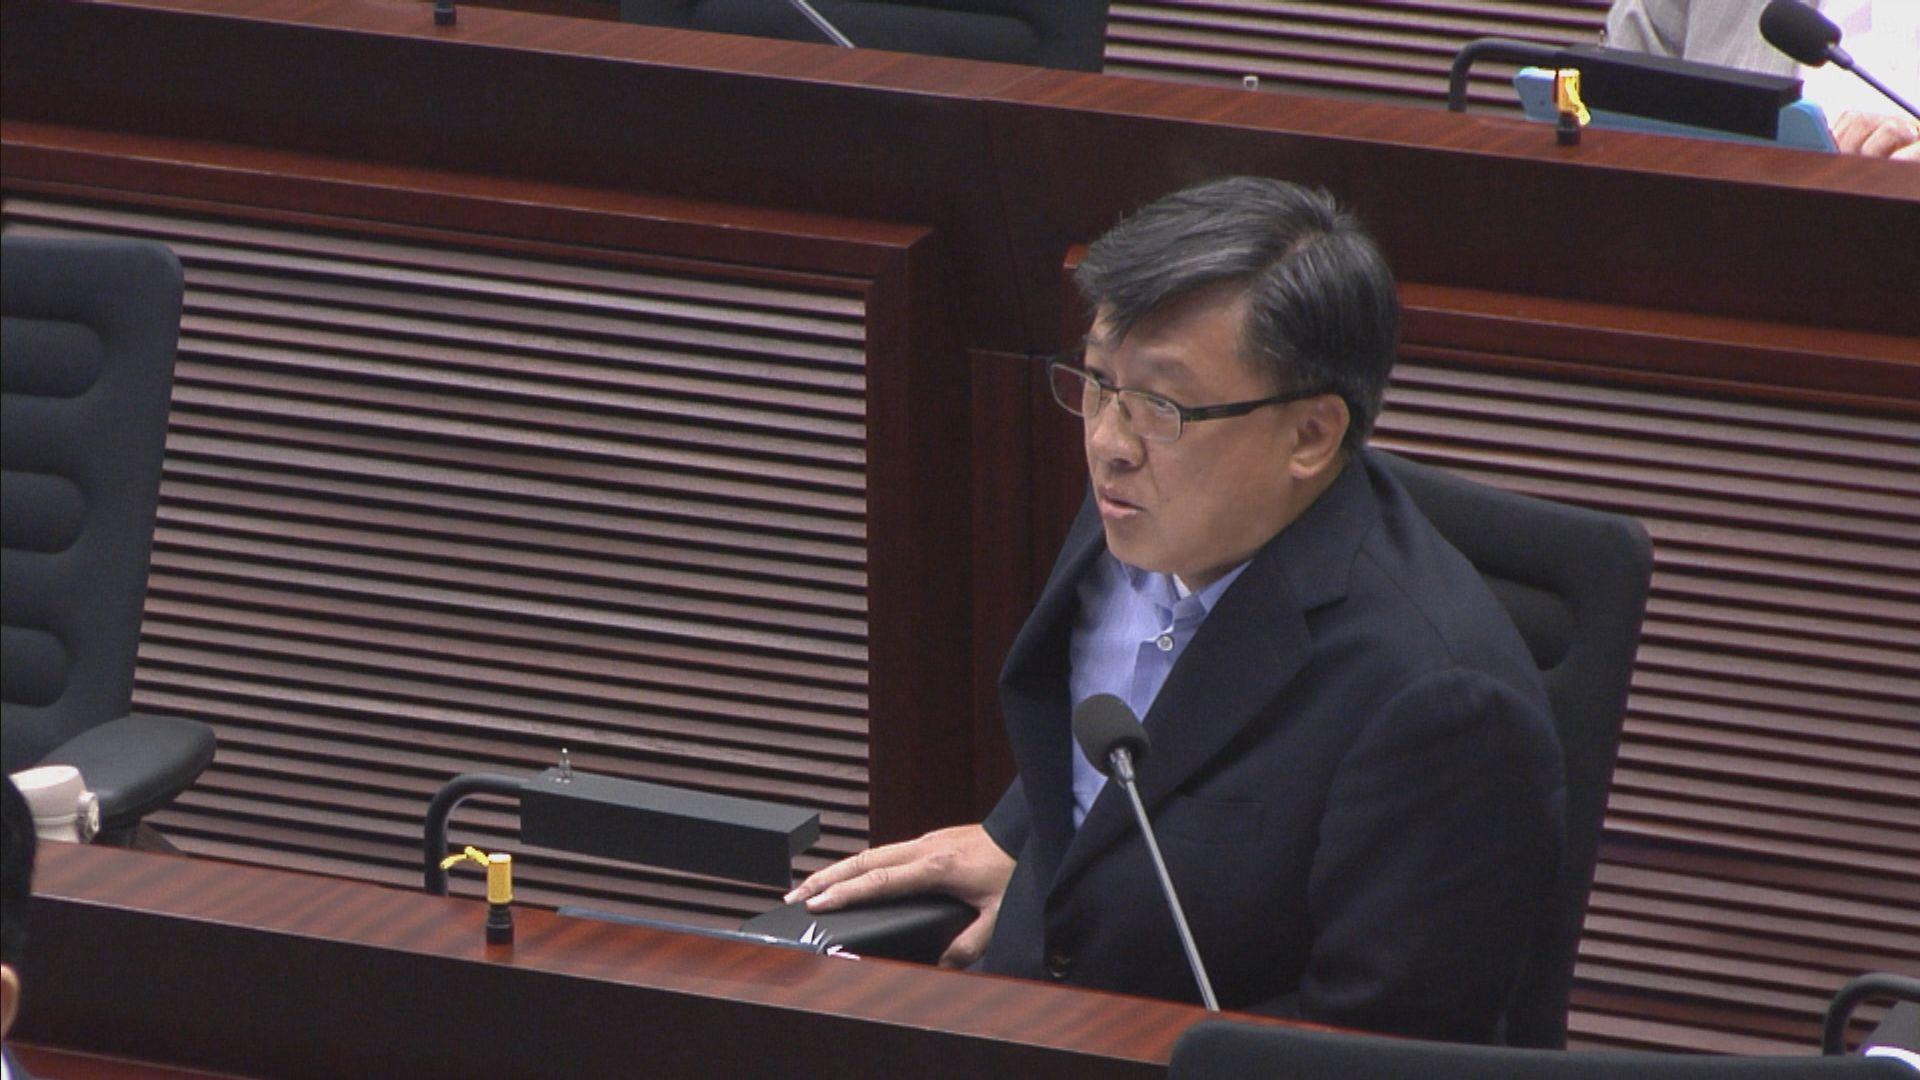 何君堯當選資訊科技委員會主席 民主派批非合適人選